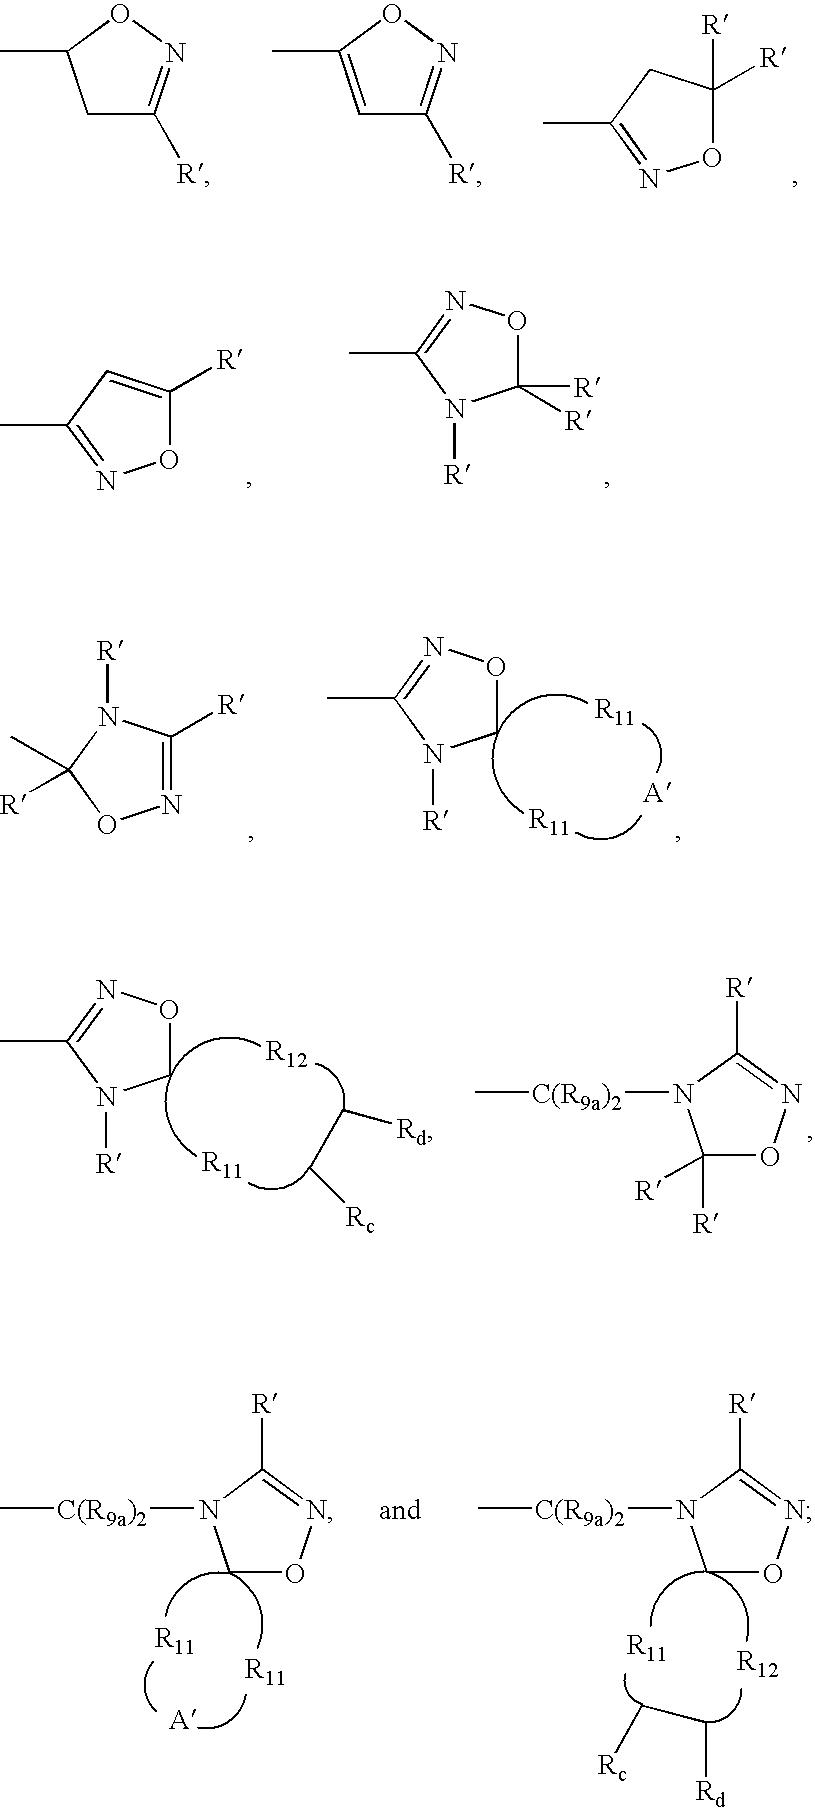 Figure US20070287725A1-20071213-C00160